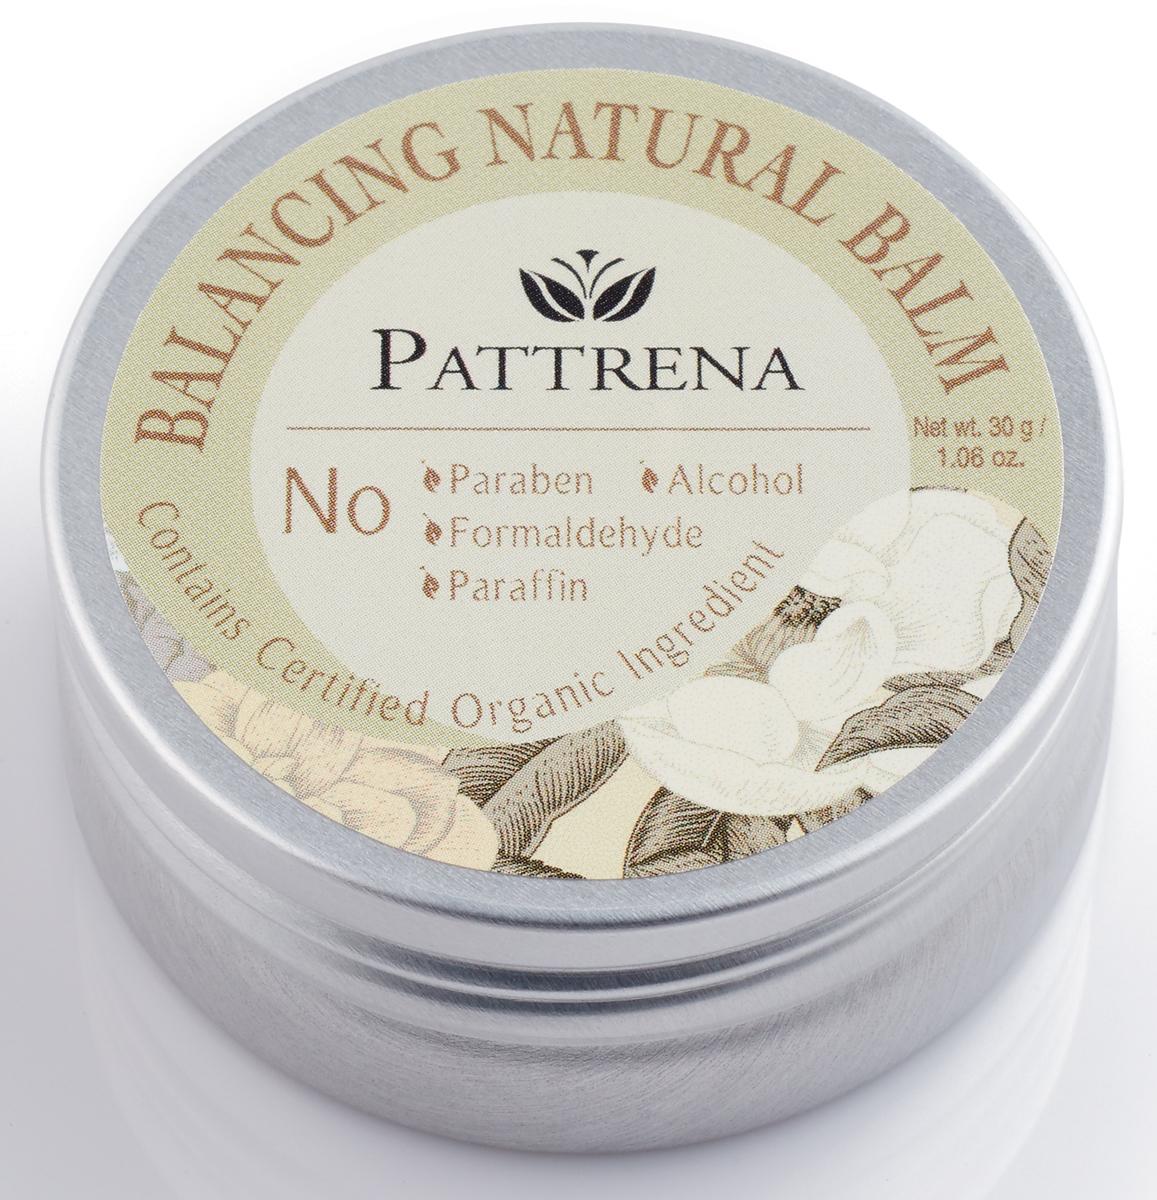 Pattrena Бальзам натуральный Балансирующий, 30 г64055Универсальный бальзам без парабенов и парафина. Обогащен различными натуральными маслами, которые эффективно содействуют появлению ощущения расслабленности на коже.